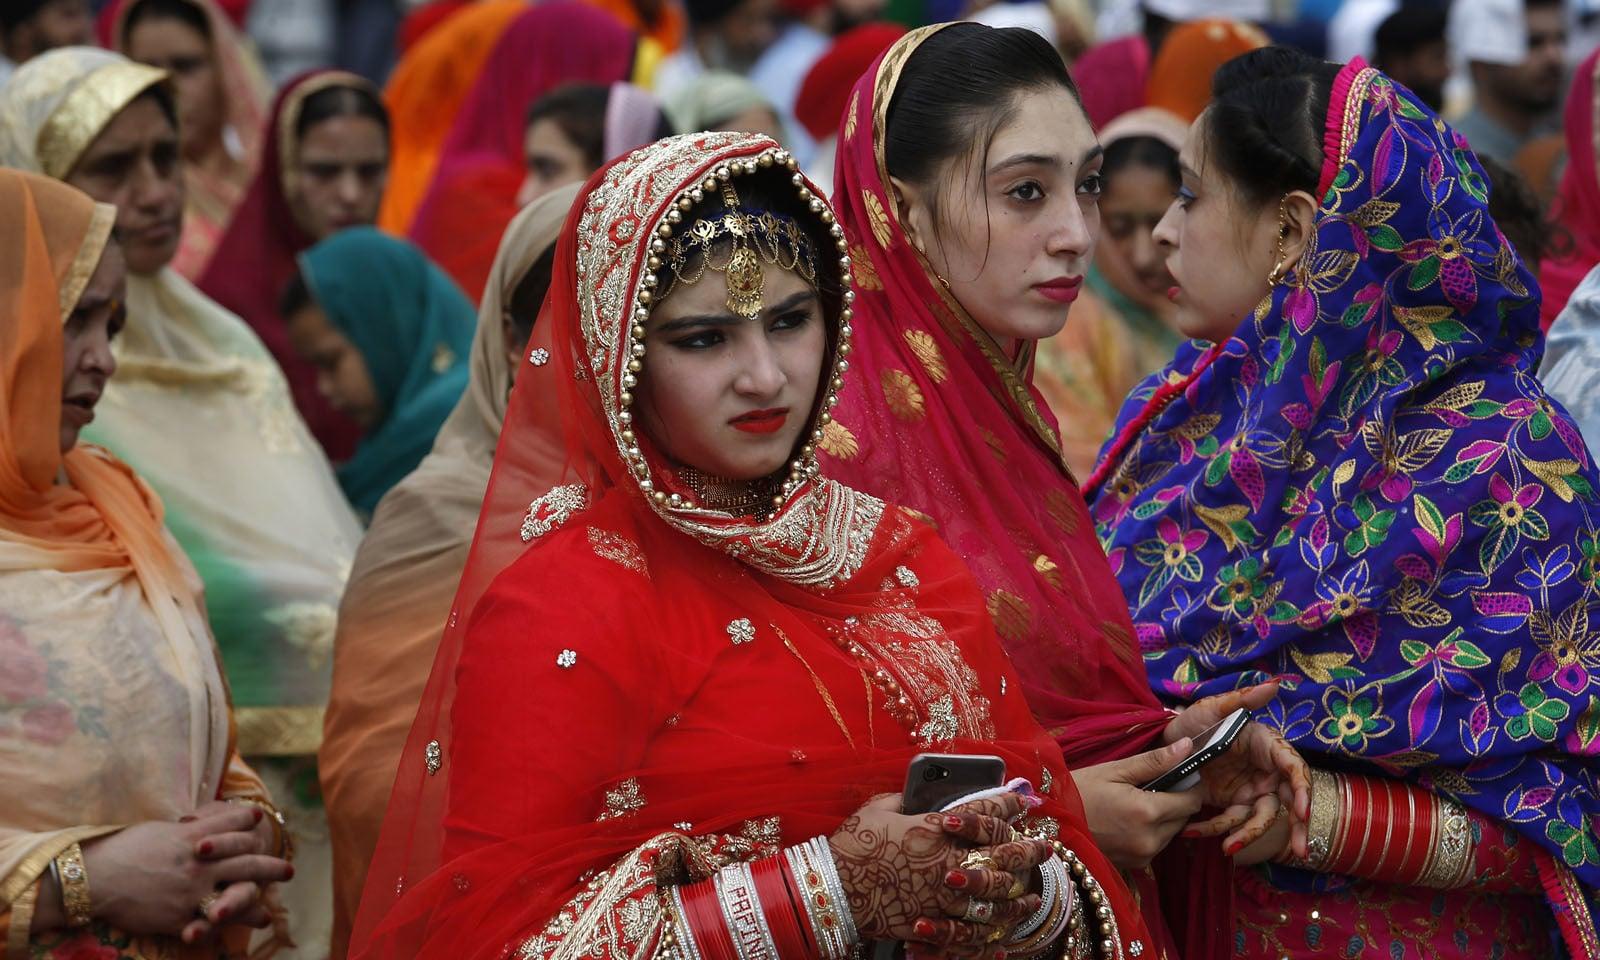 سکھ مذہب کے لوگ بیساکھی کے دن گردواروں میں جمع ہو کر مذہبی عبادت کرتے ہیں، اس دن پیلے رنگ کو خاص اہمیت حاصل ہوتی ہے—فوٹو: اے پی